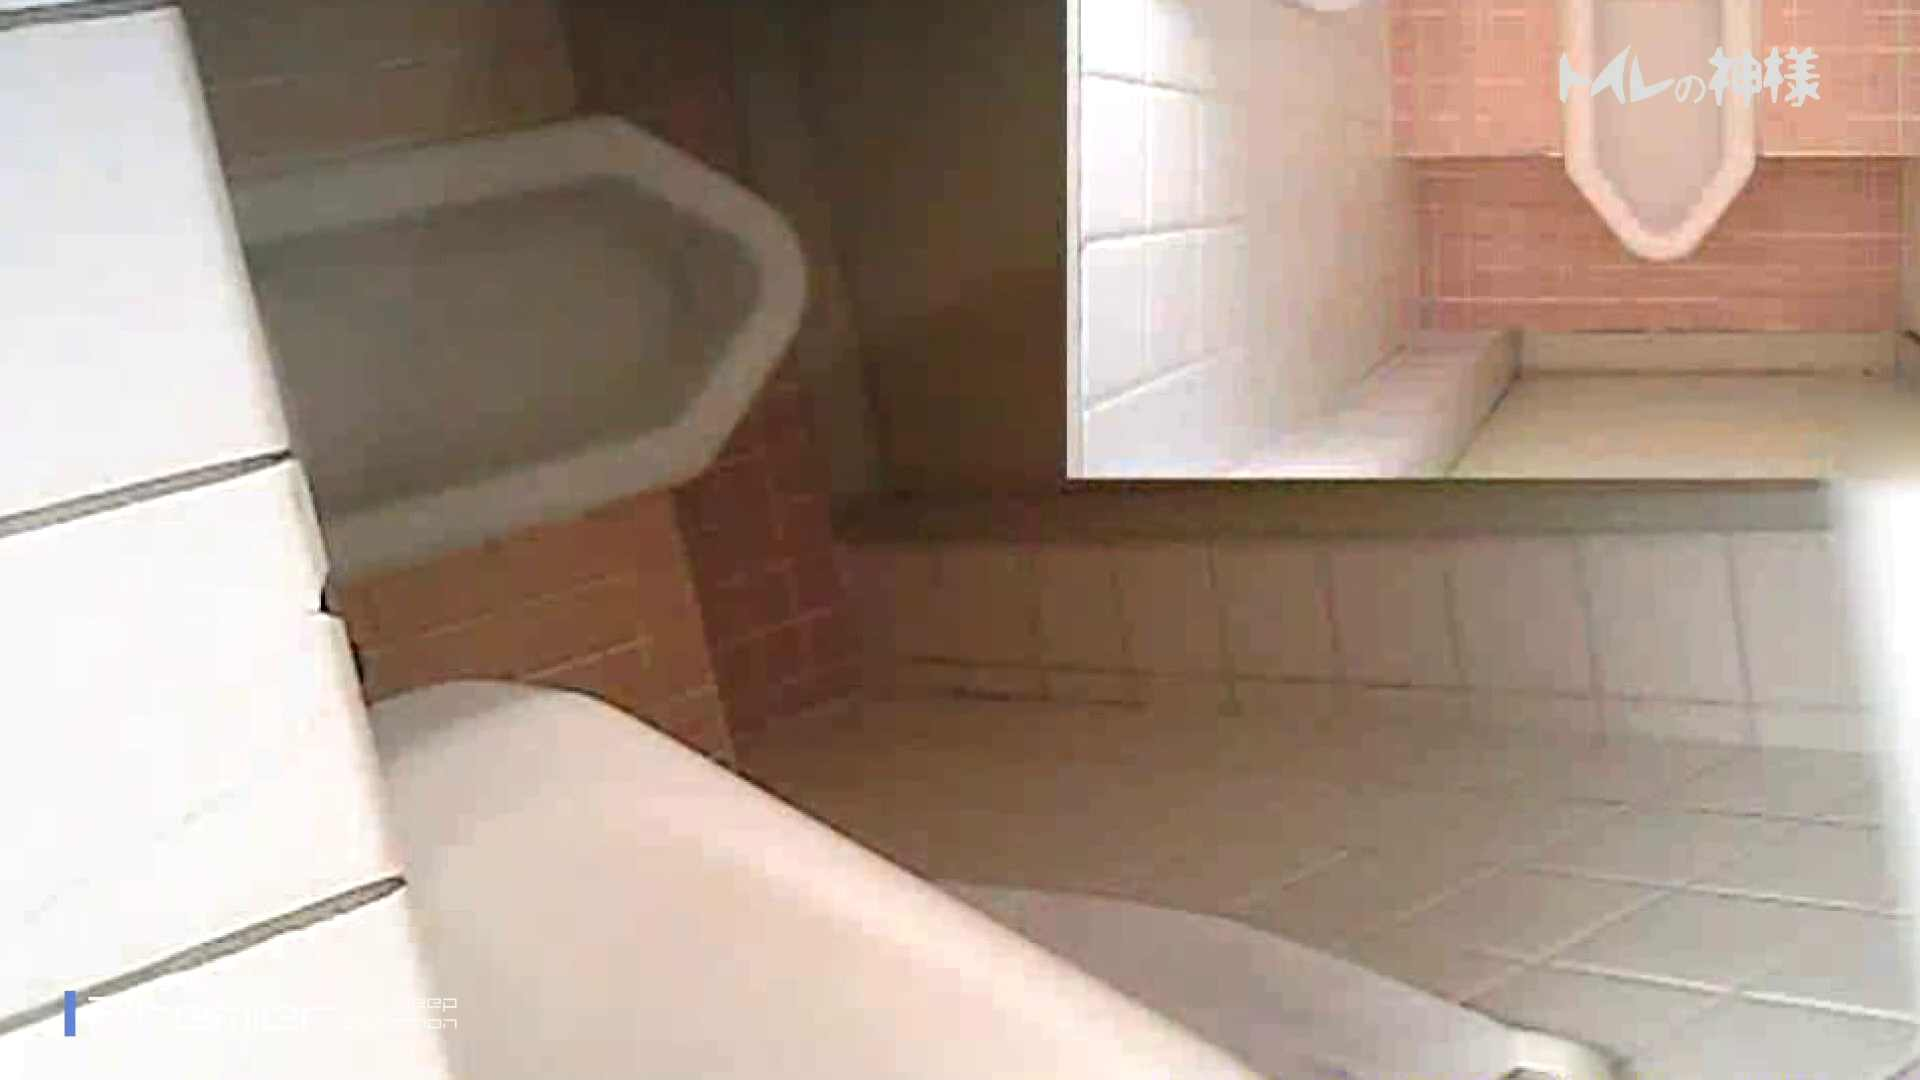 無修正おまんこ動画 kyouko排泄 うんこをたくさん集めました。トイレの神様 Vol.14 怪盗ジョーカー